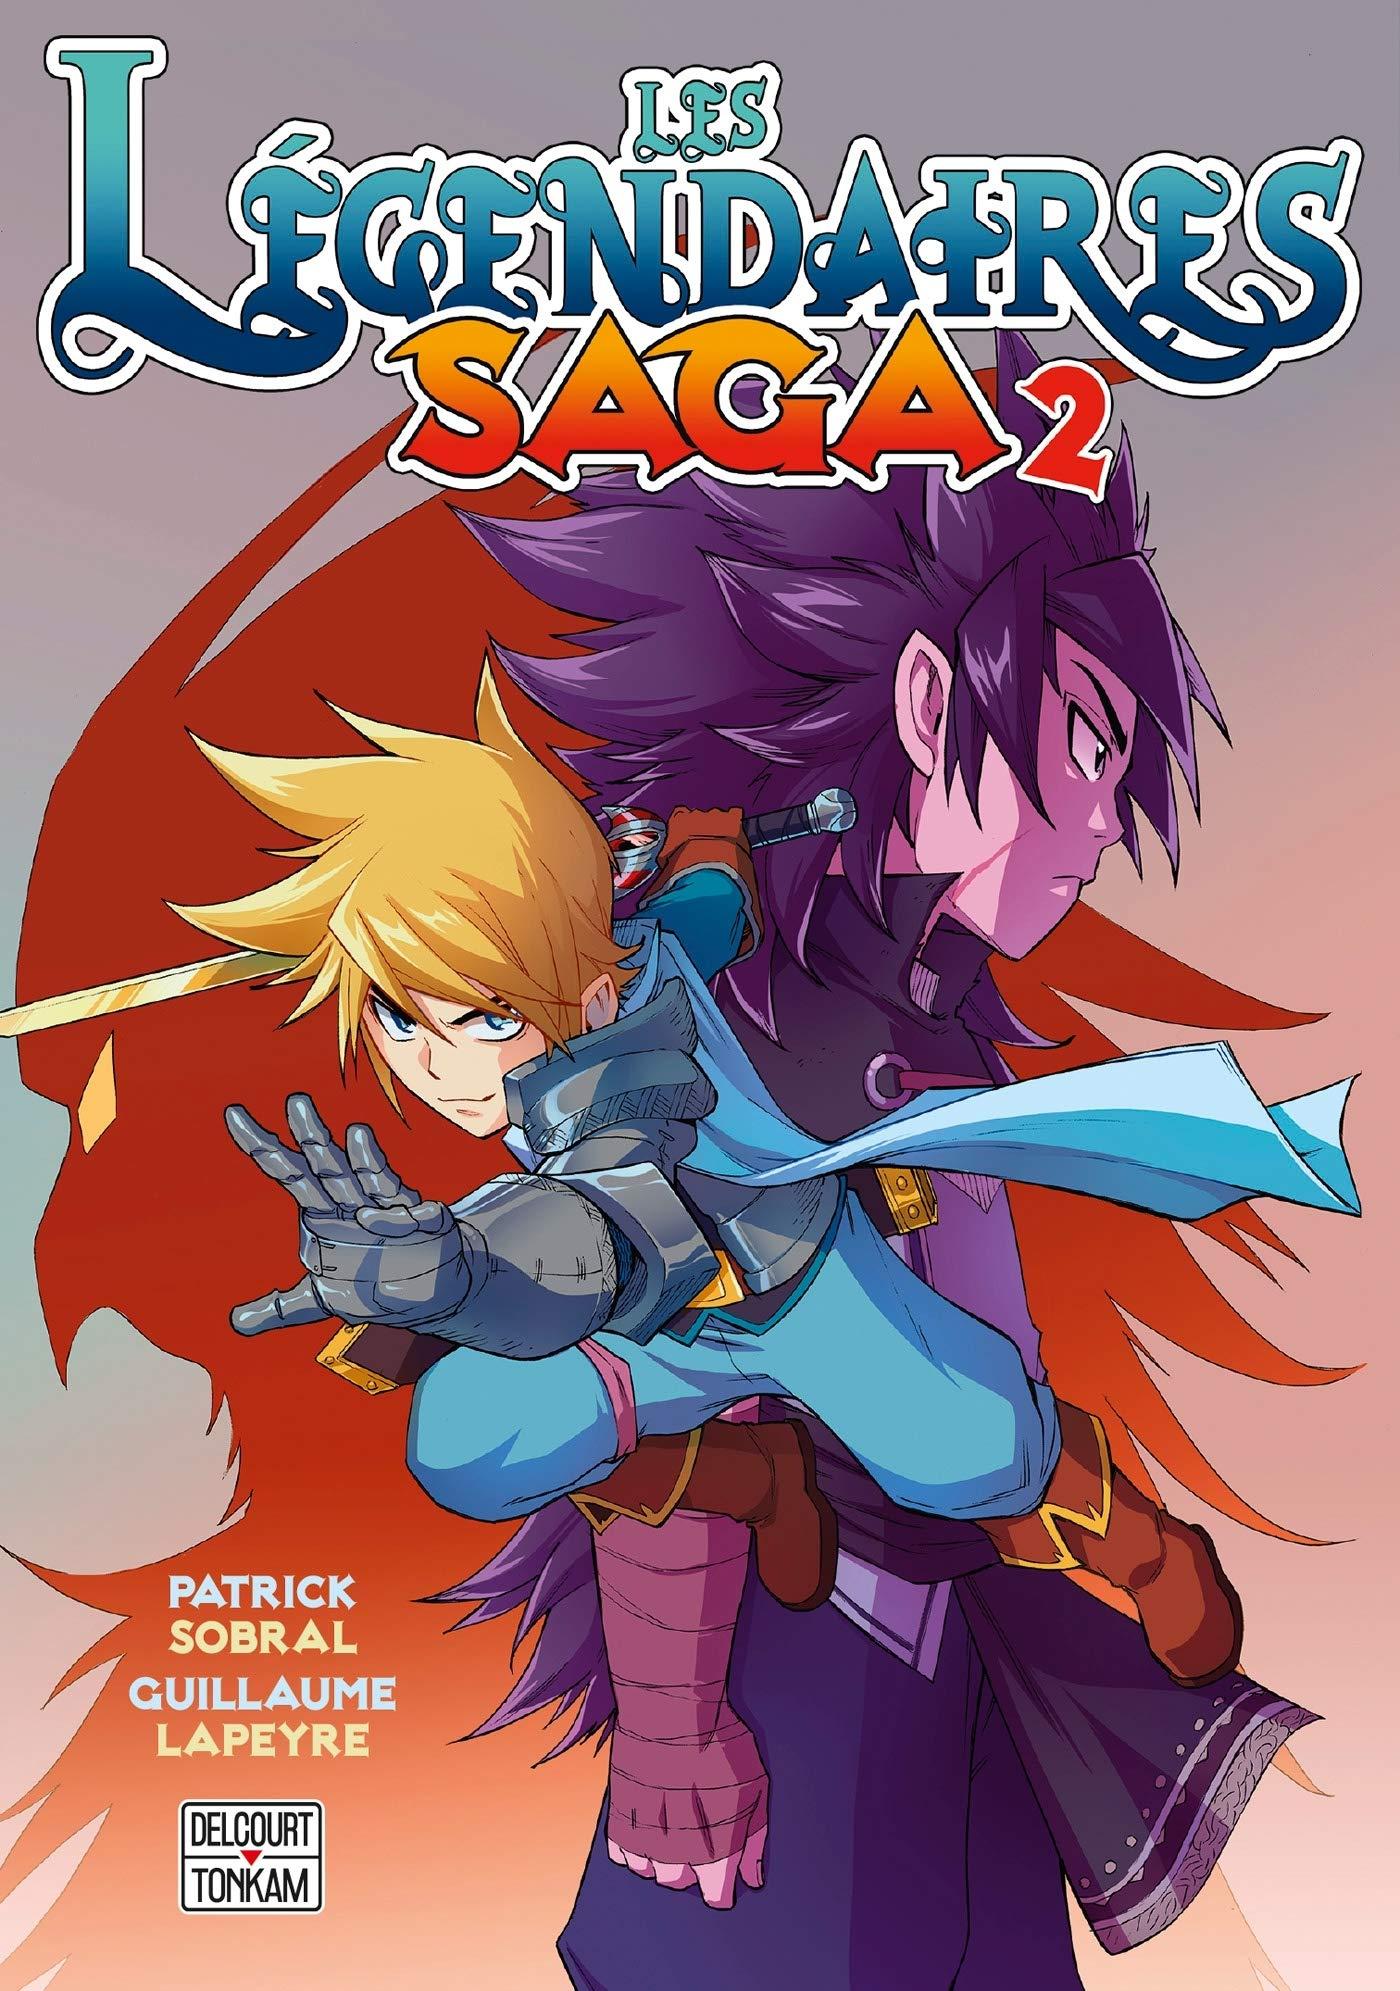 Les Légendaires - Saga 2